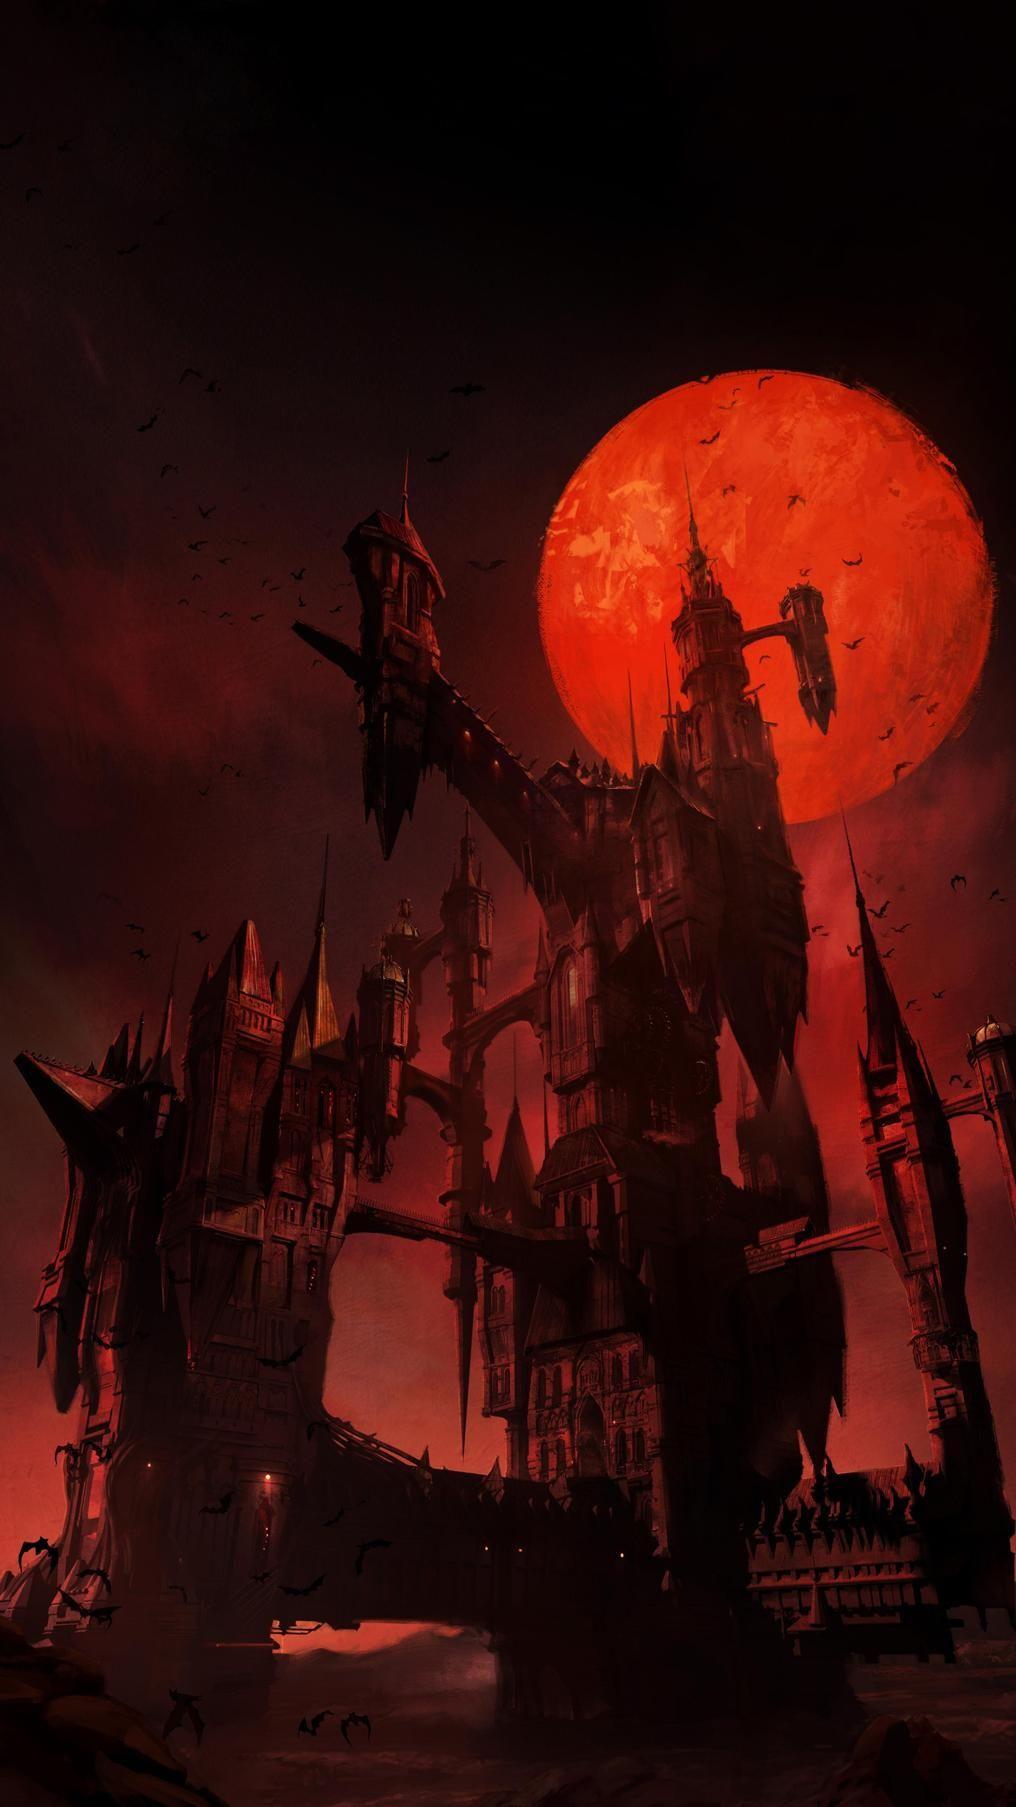 Castlevania Phone Wallpaper Moviemania Dark Fantasy Art Anime Wallpaper Wallpaper